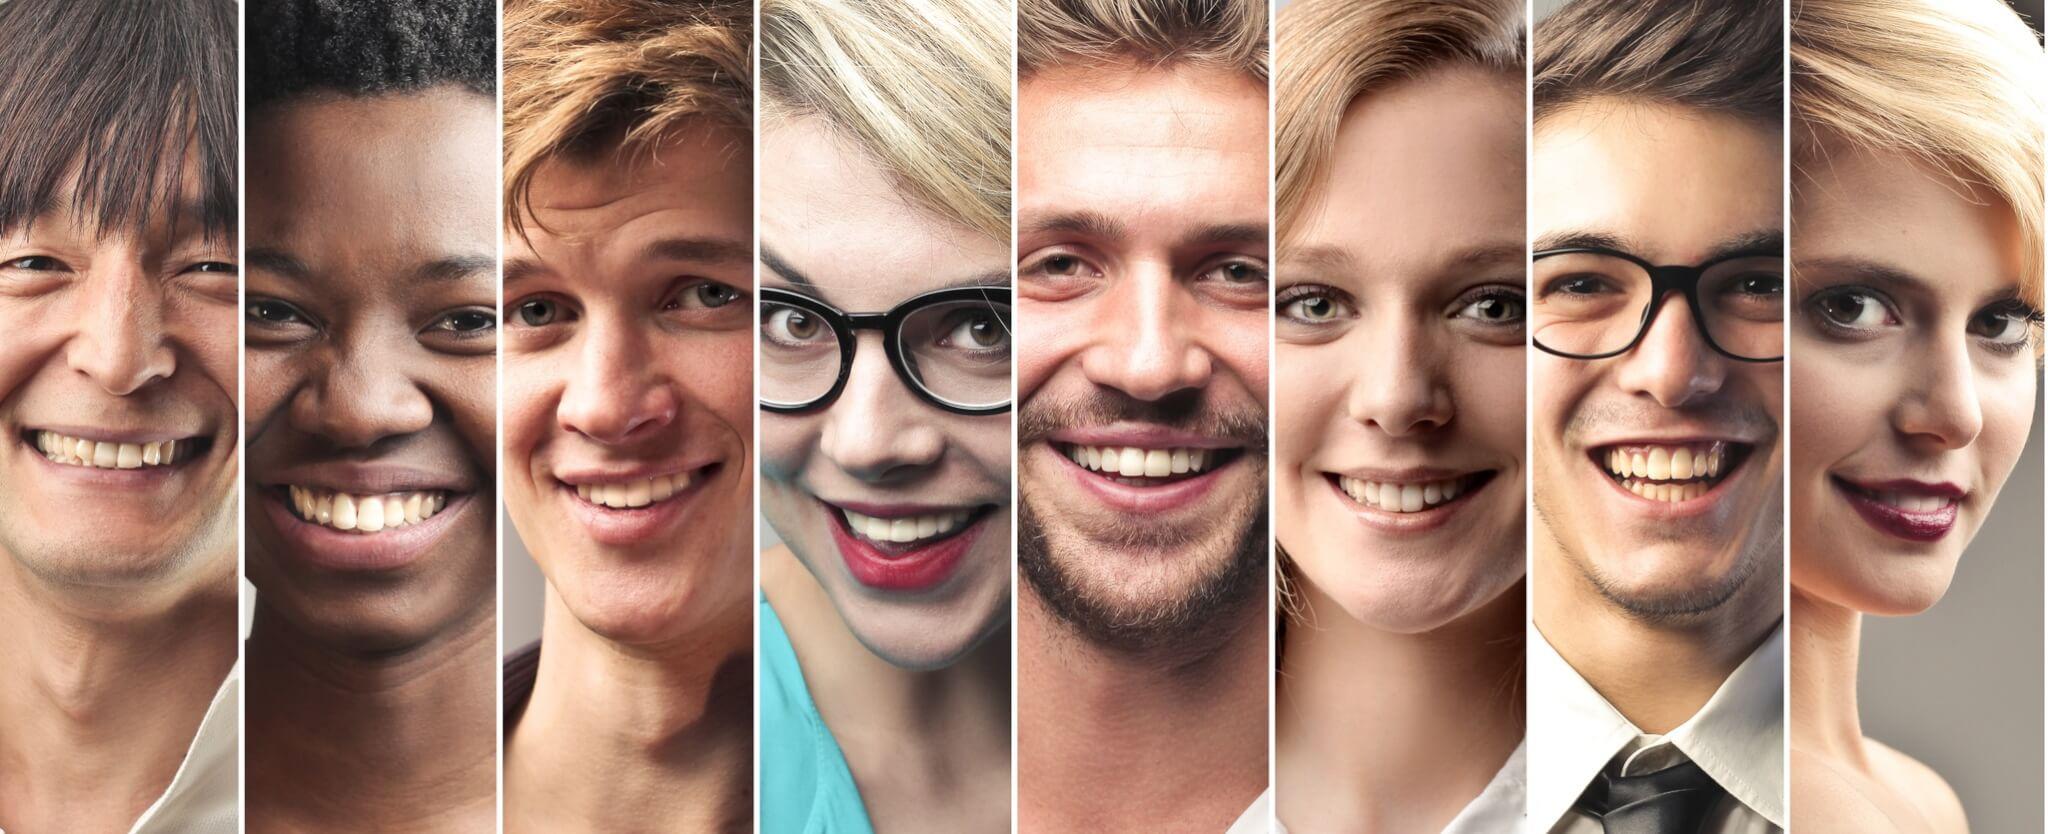 Viele Gesichter. Ansprechtipps: Die richtigen Personen ansprechen und Freunde finden